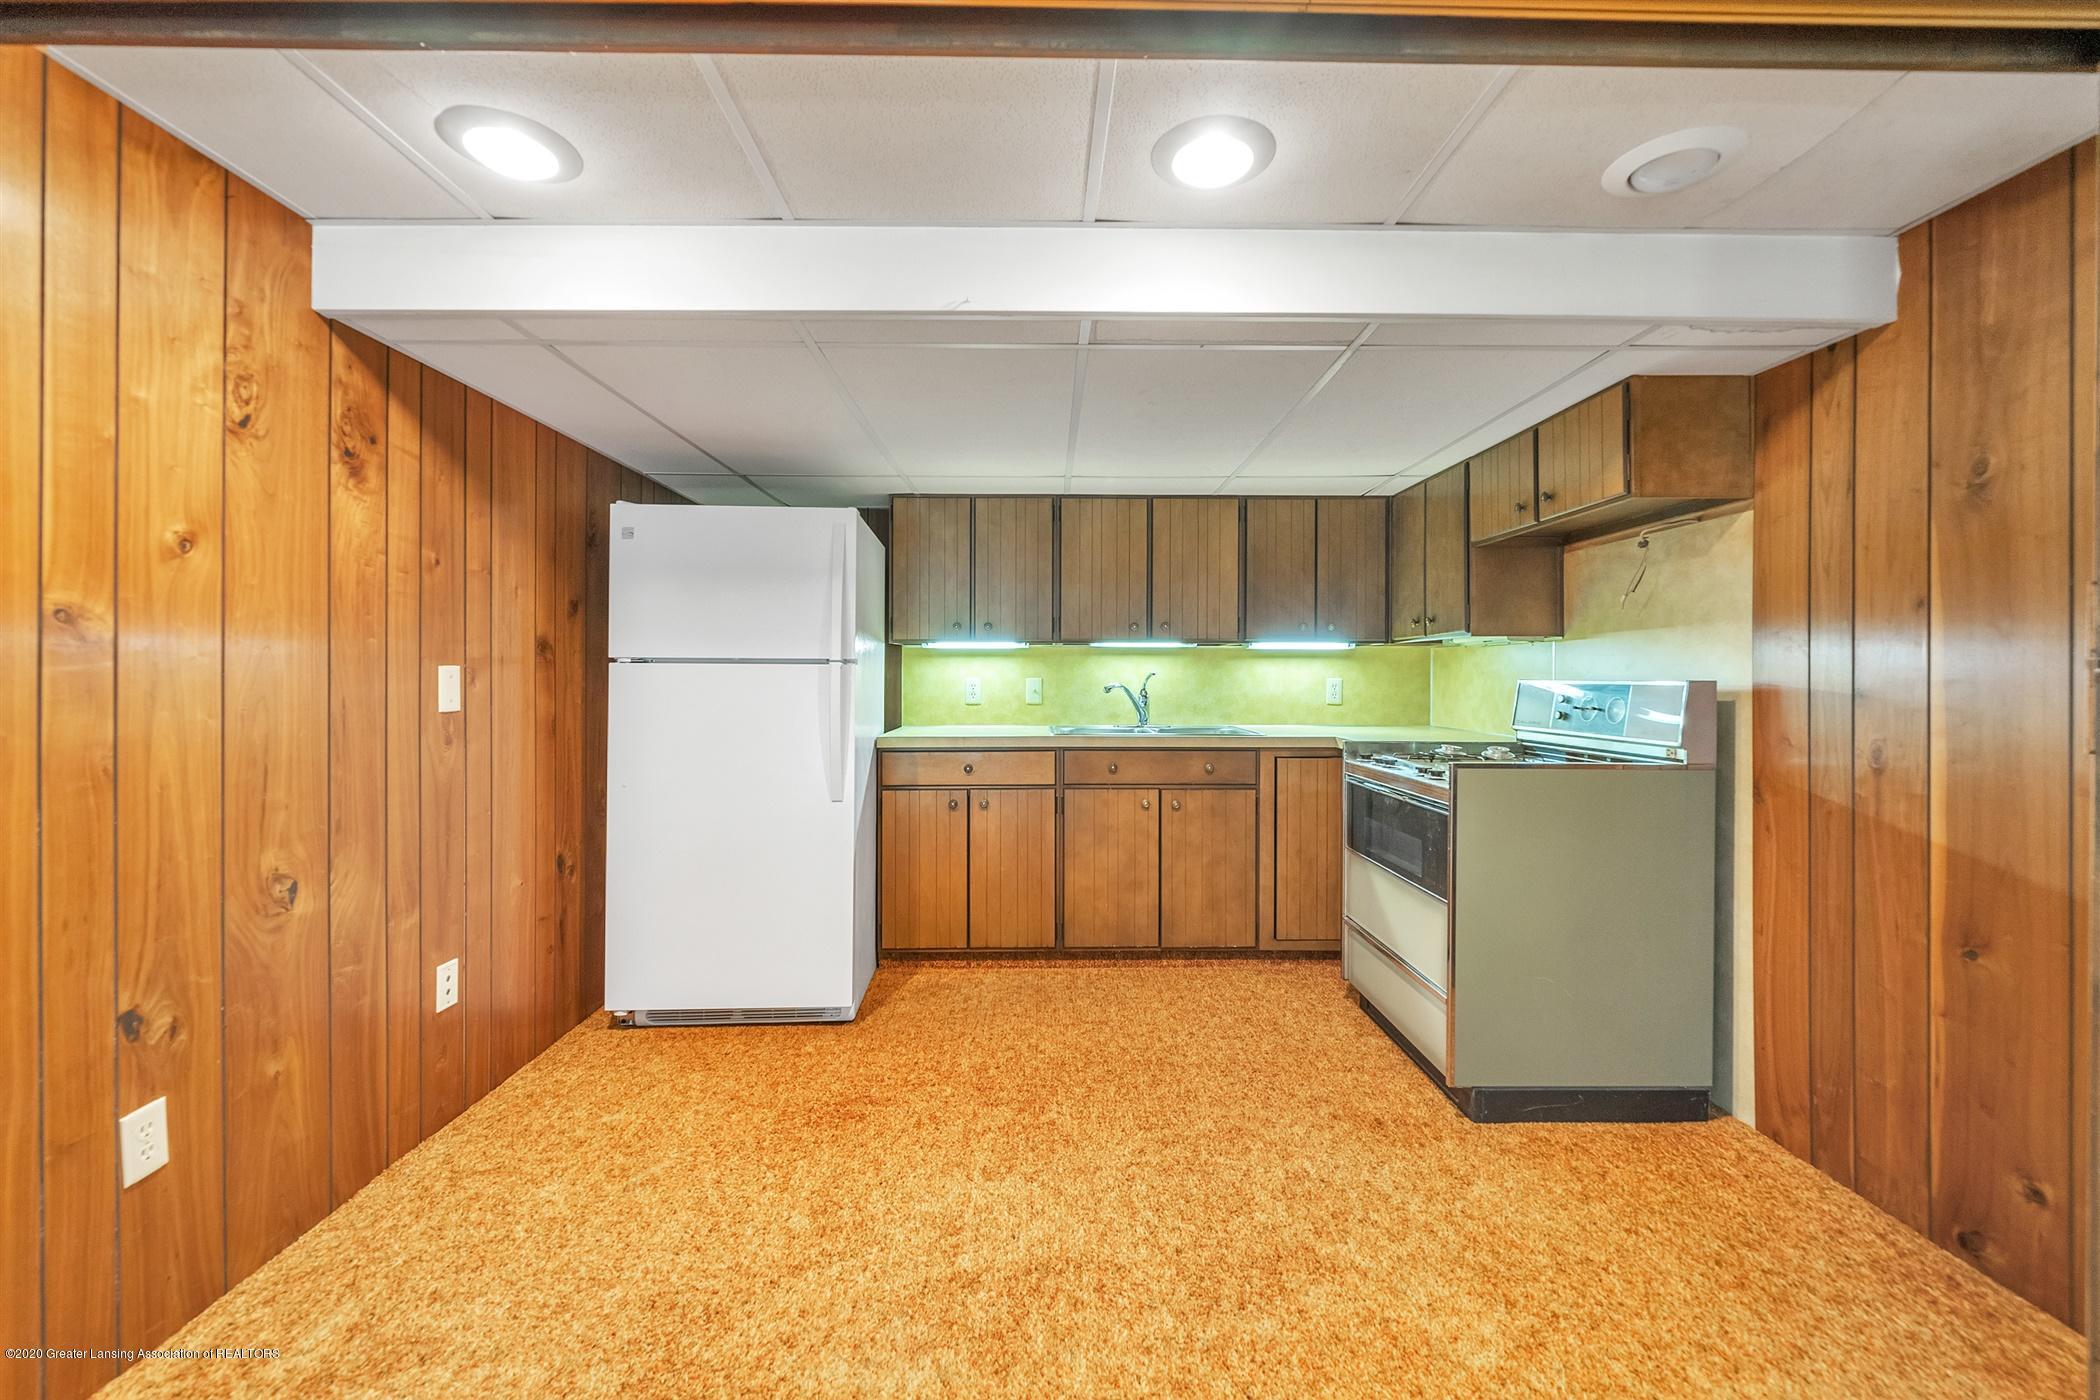 2150 Arundel Pl - (27) LOWER LEVEL Kitchen - 29